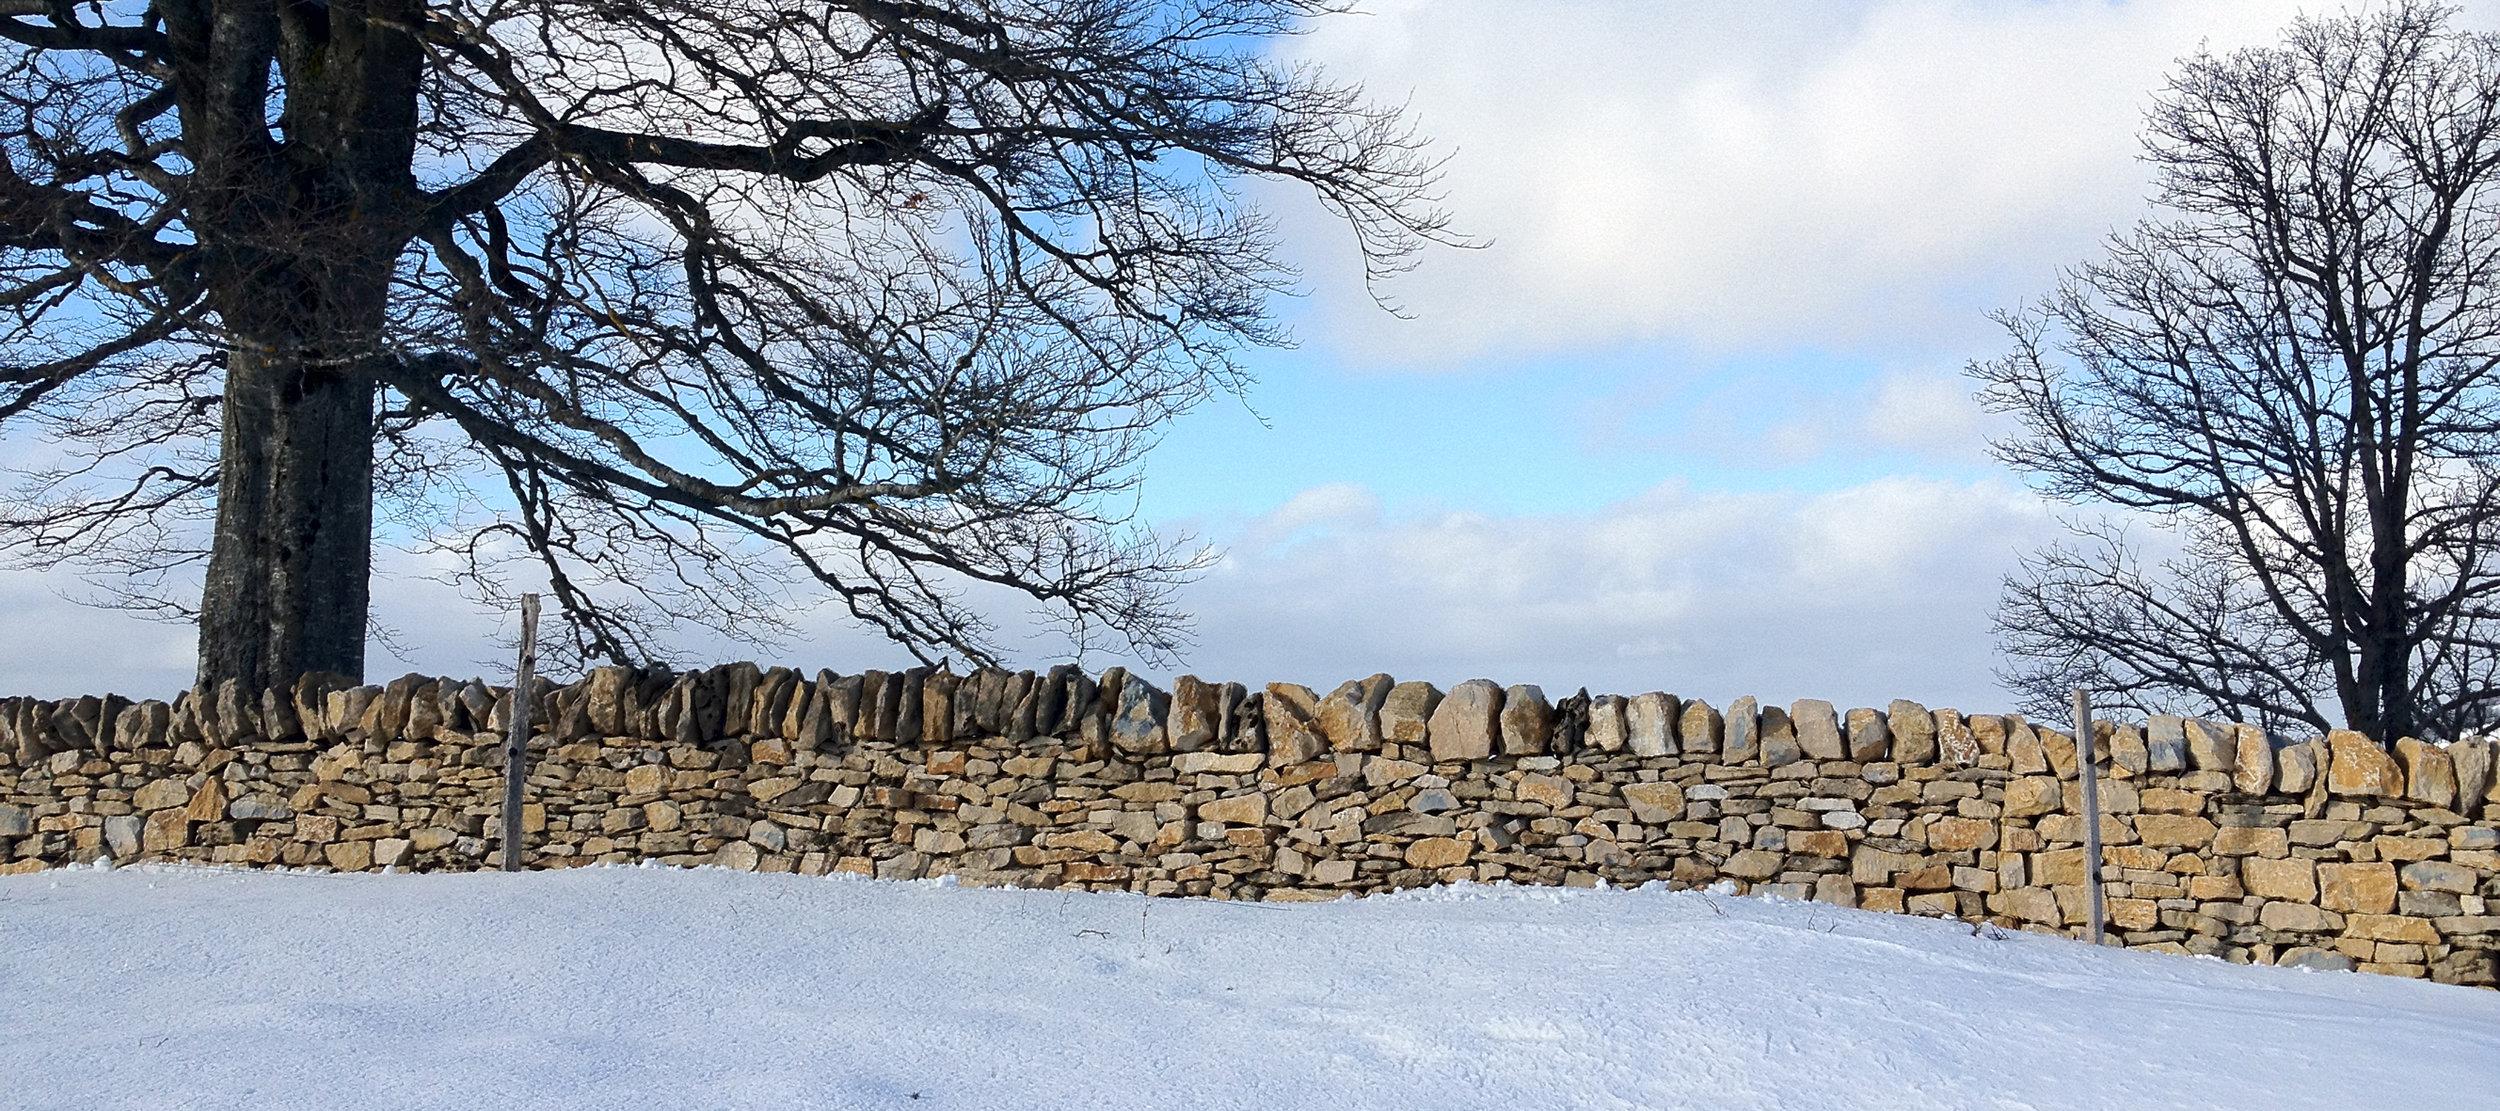 Trockenmauer auf dem Probstenberg - ein Projekt des Naturpark Thal, der Stiftung Umwelteinsatz und Felsenfalter